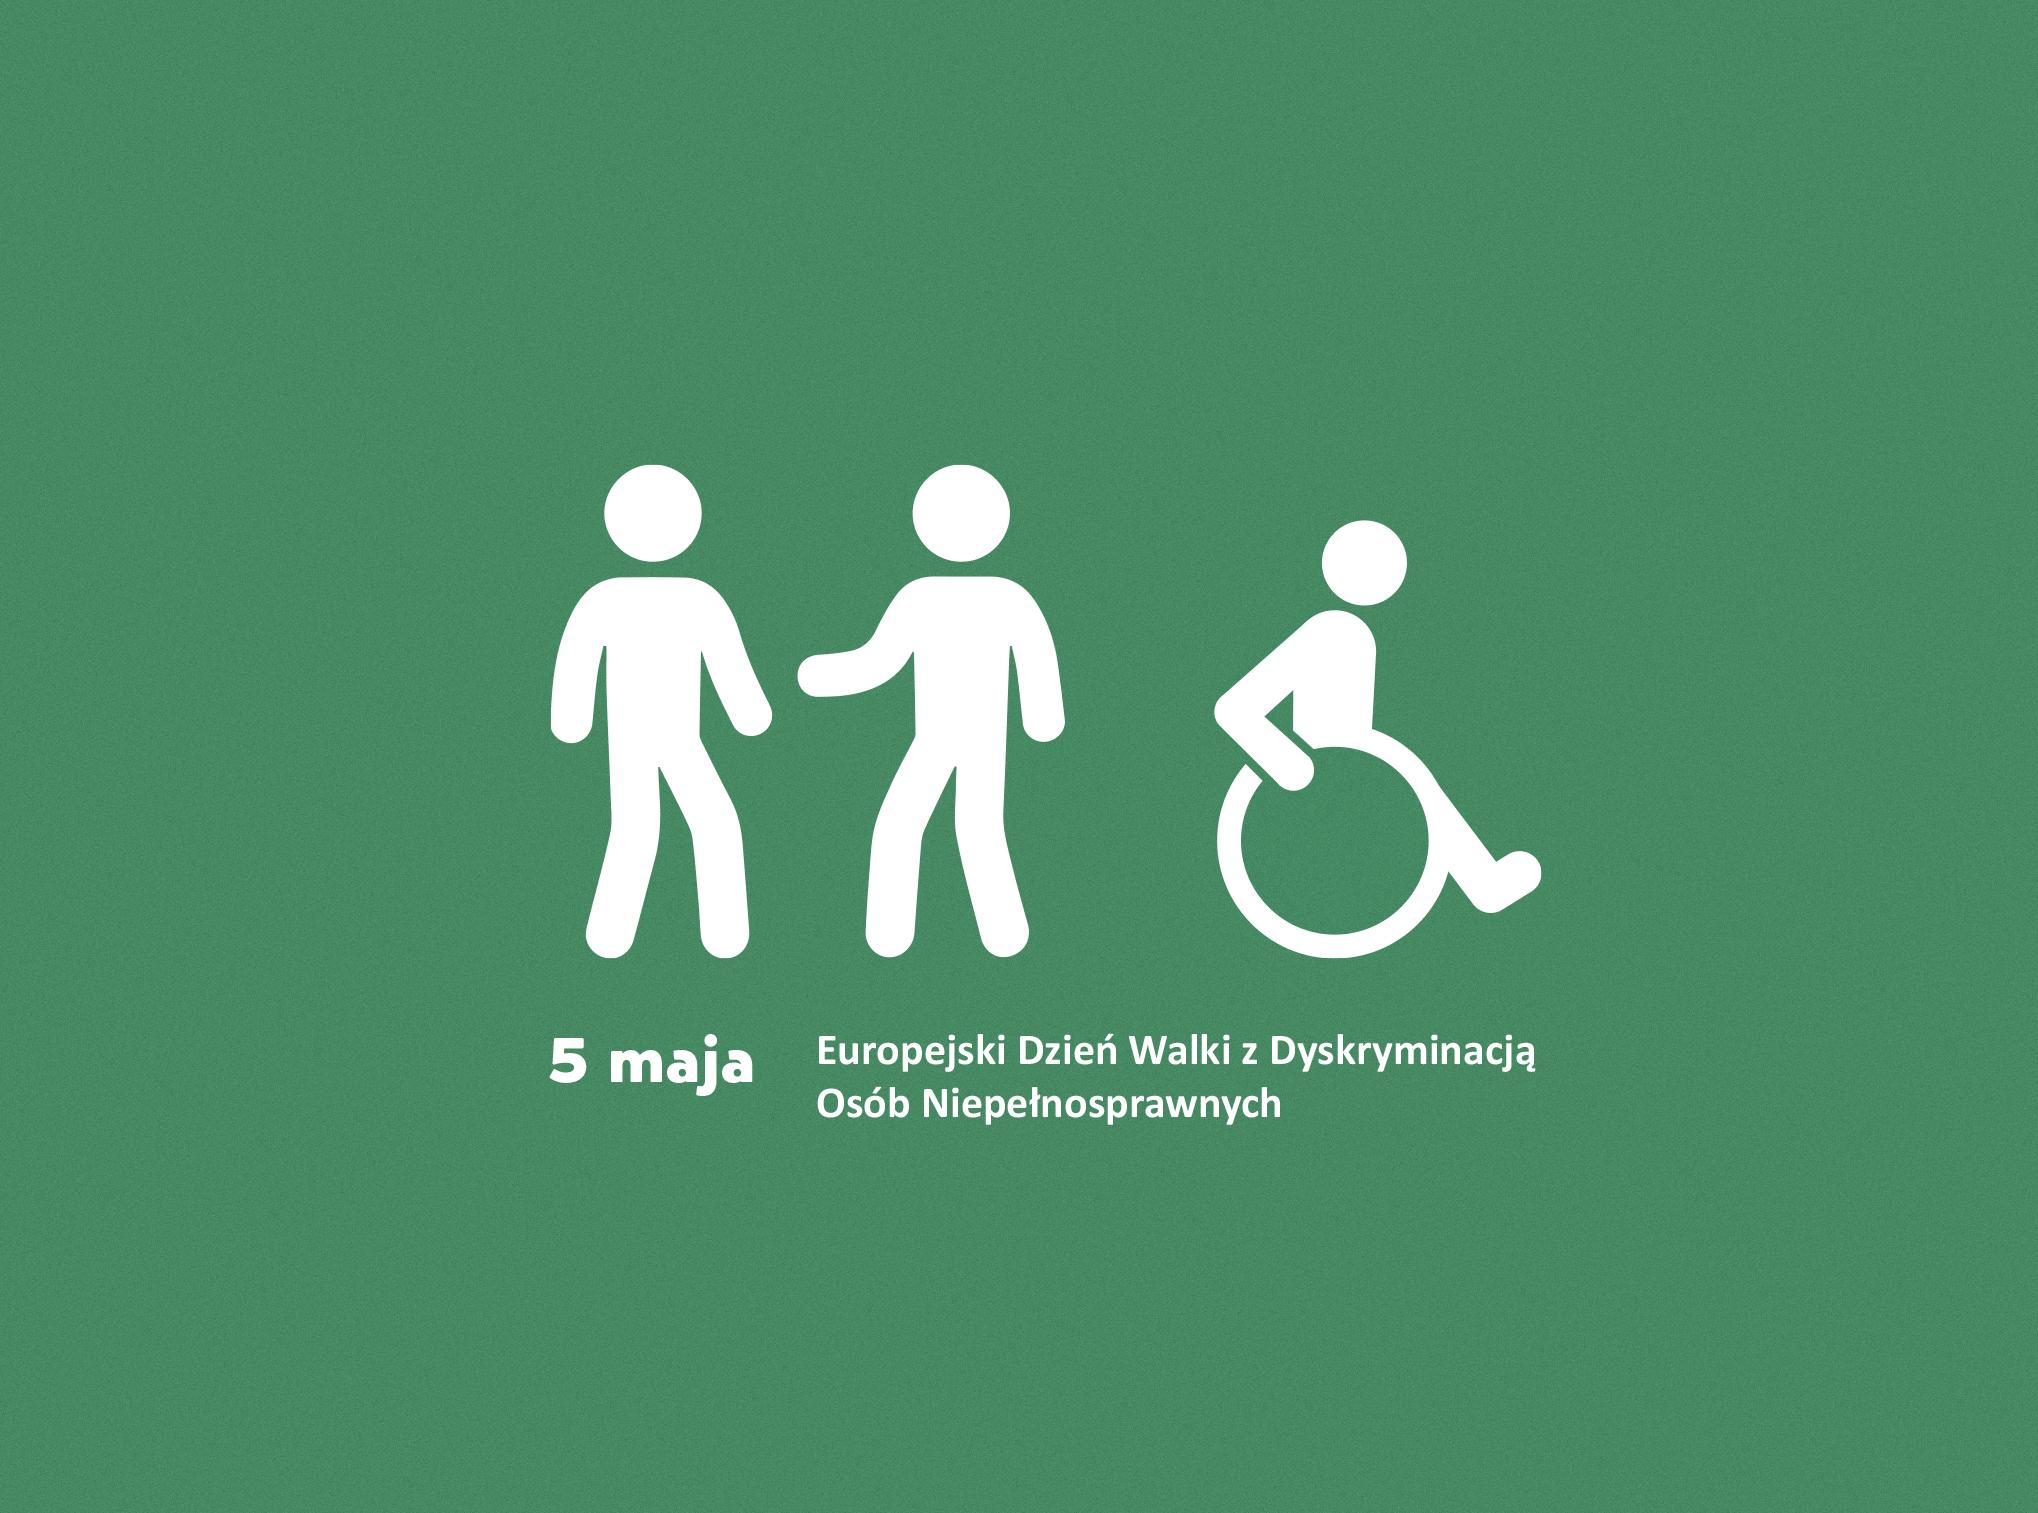 Walczymy z dyskryminacją, wspieramy godność